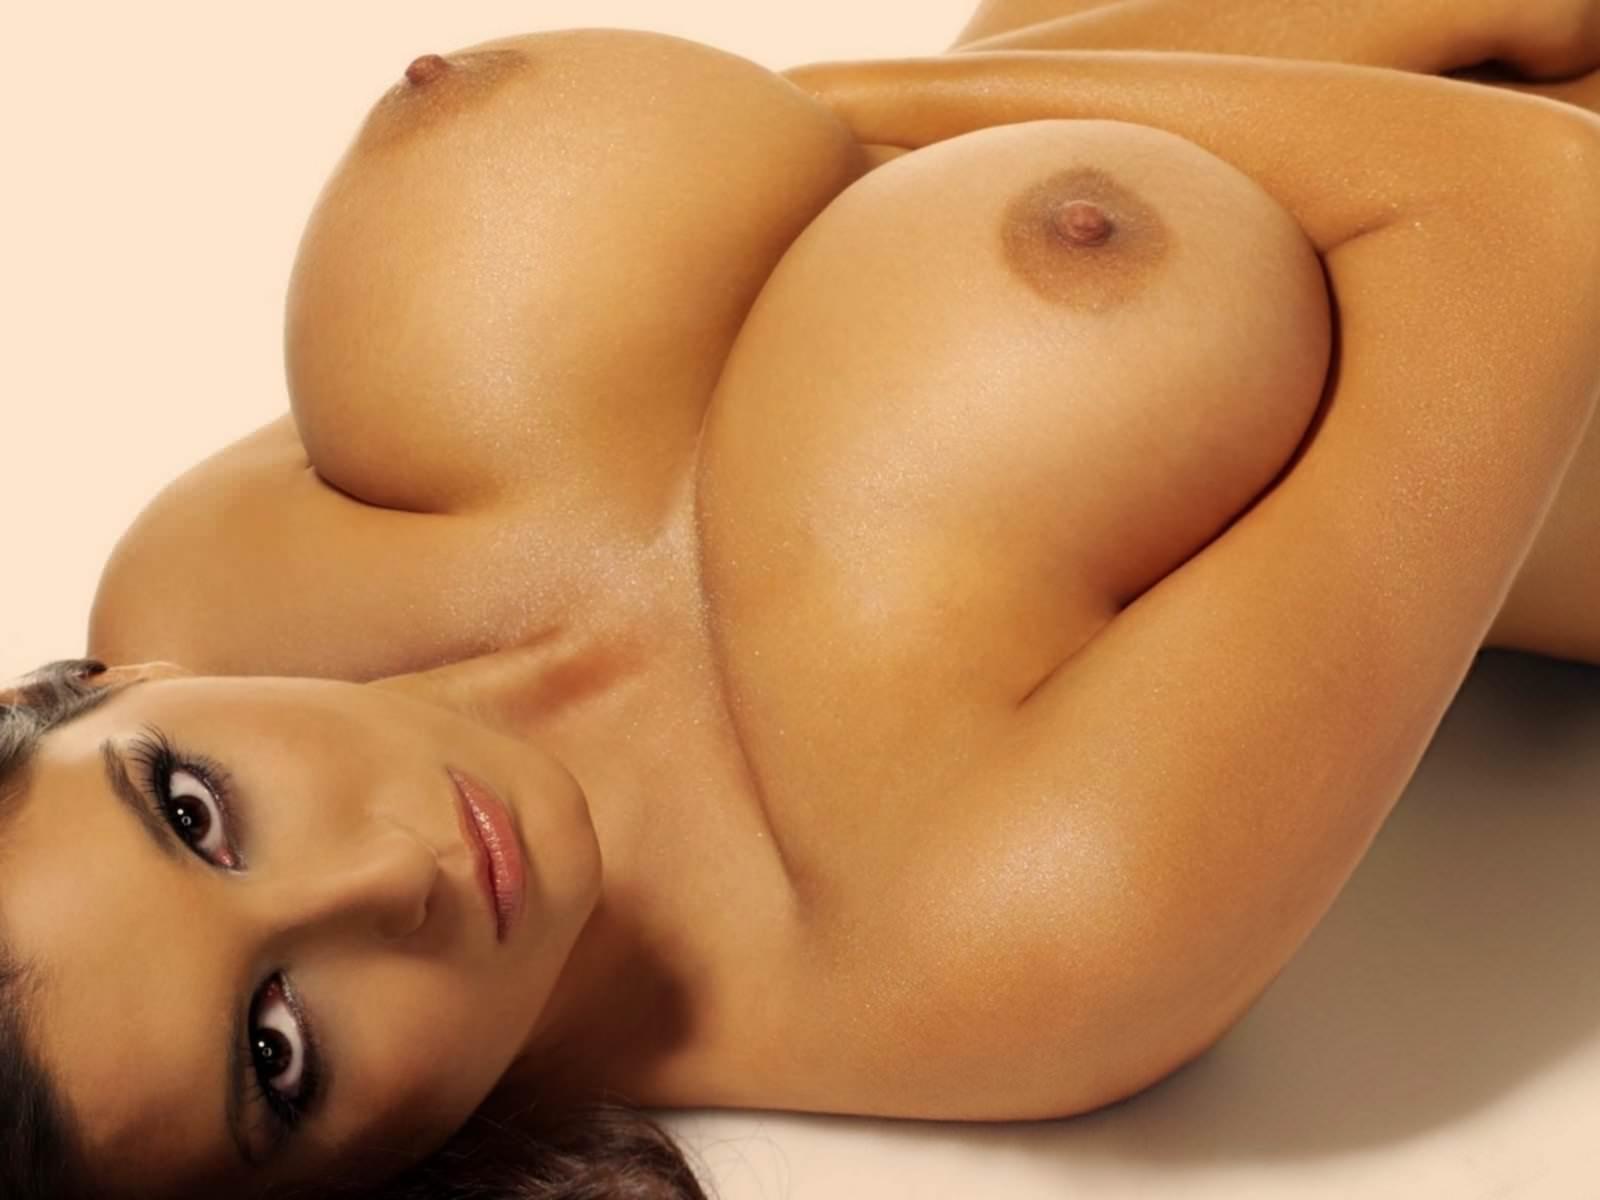 Смотреть натуральные весячий сиськи 720 онлайн 18 фотография